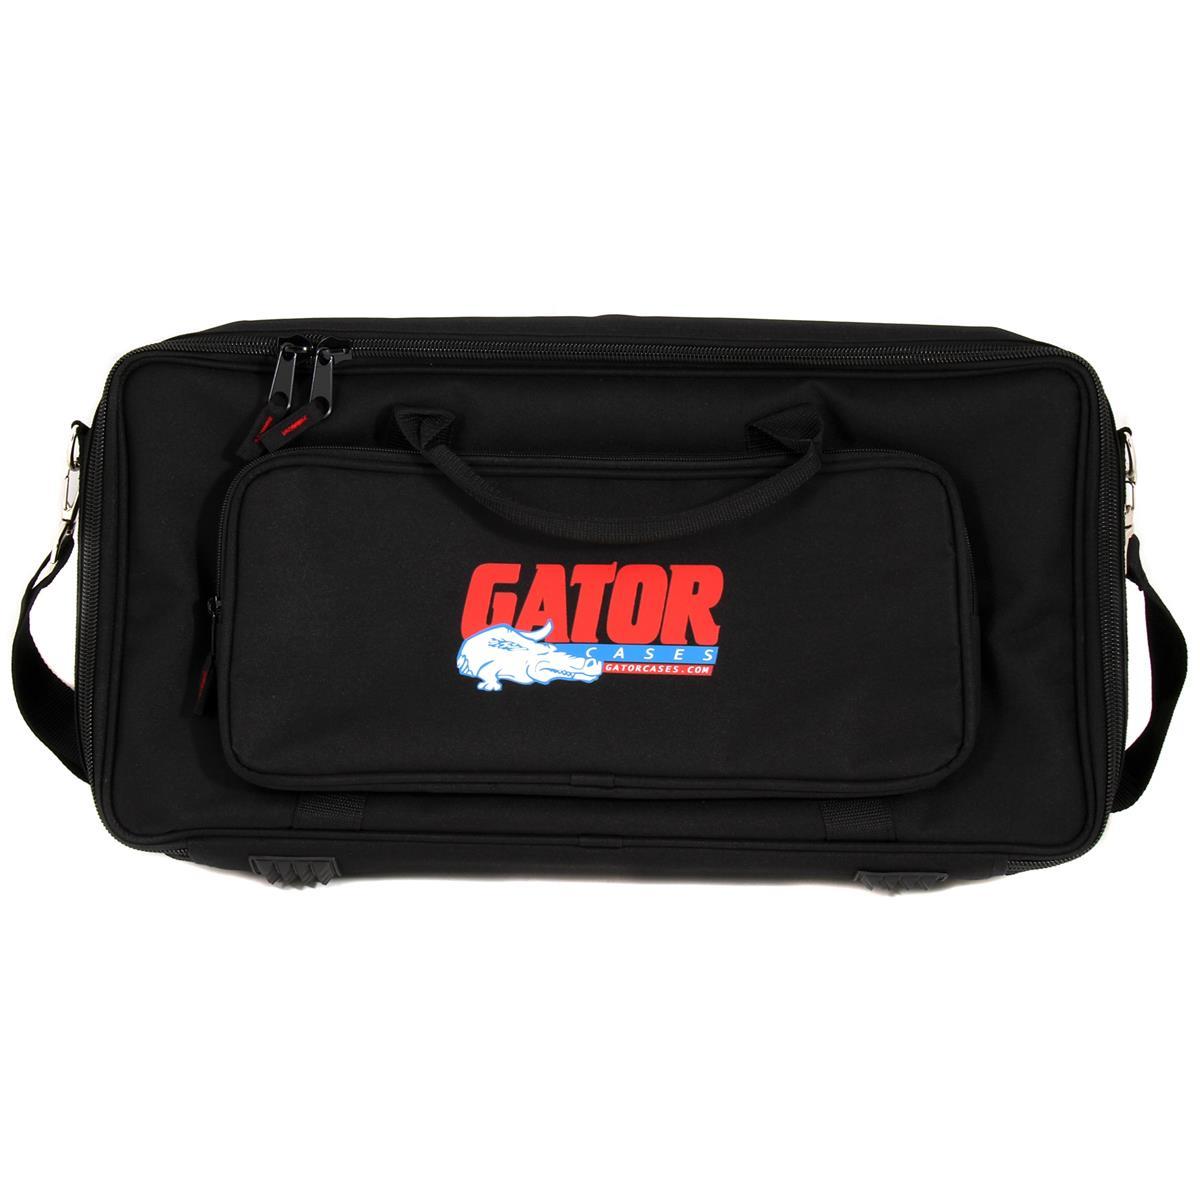 Gator GK-2110 - borsa per tastiera/controller micro